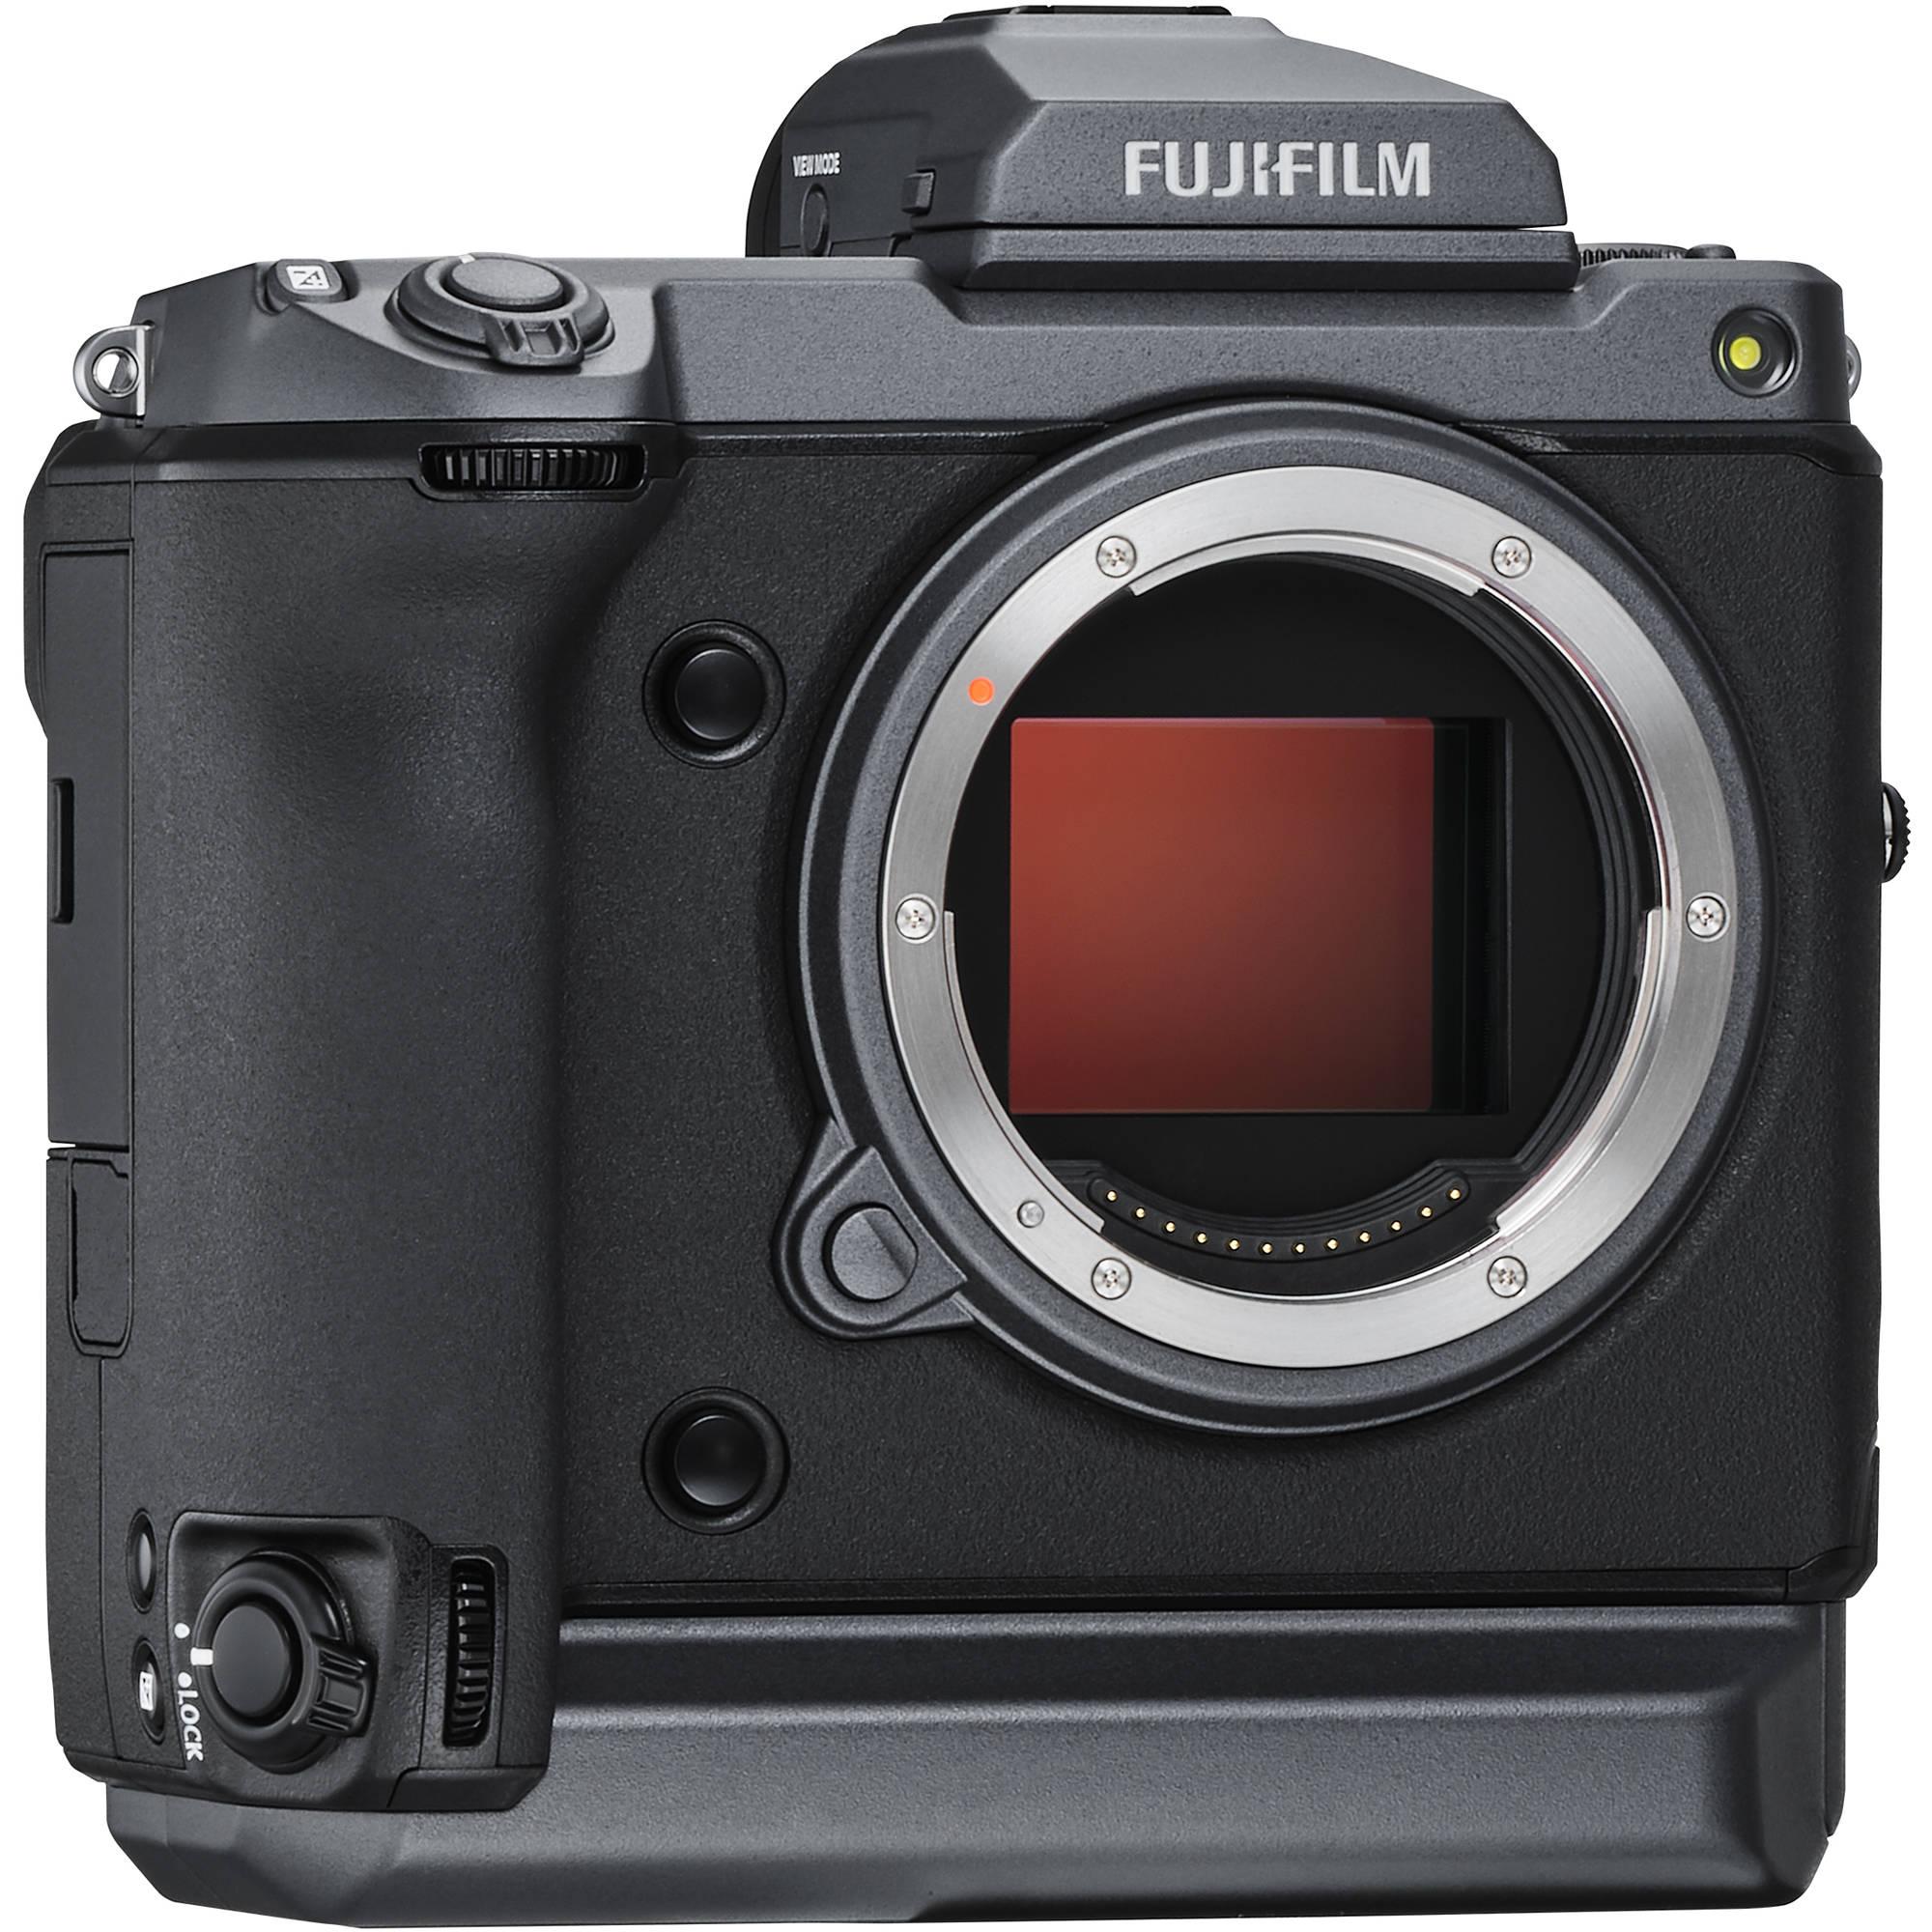 fujifilm_600020930_gfx_100_medium_format_1480135.jpg